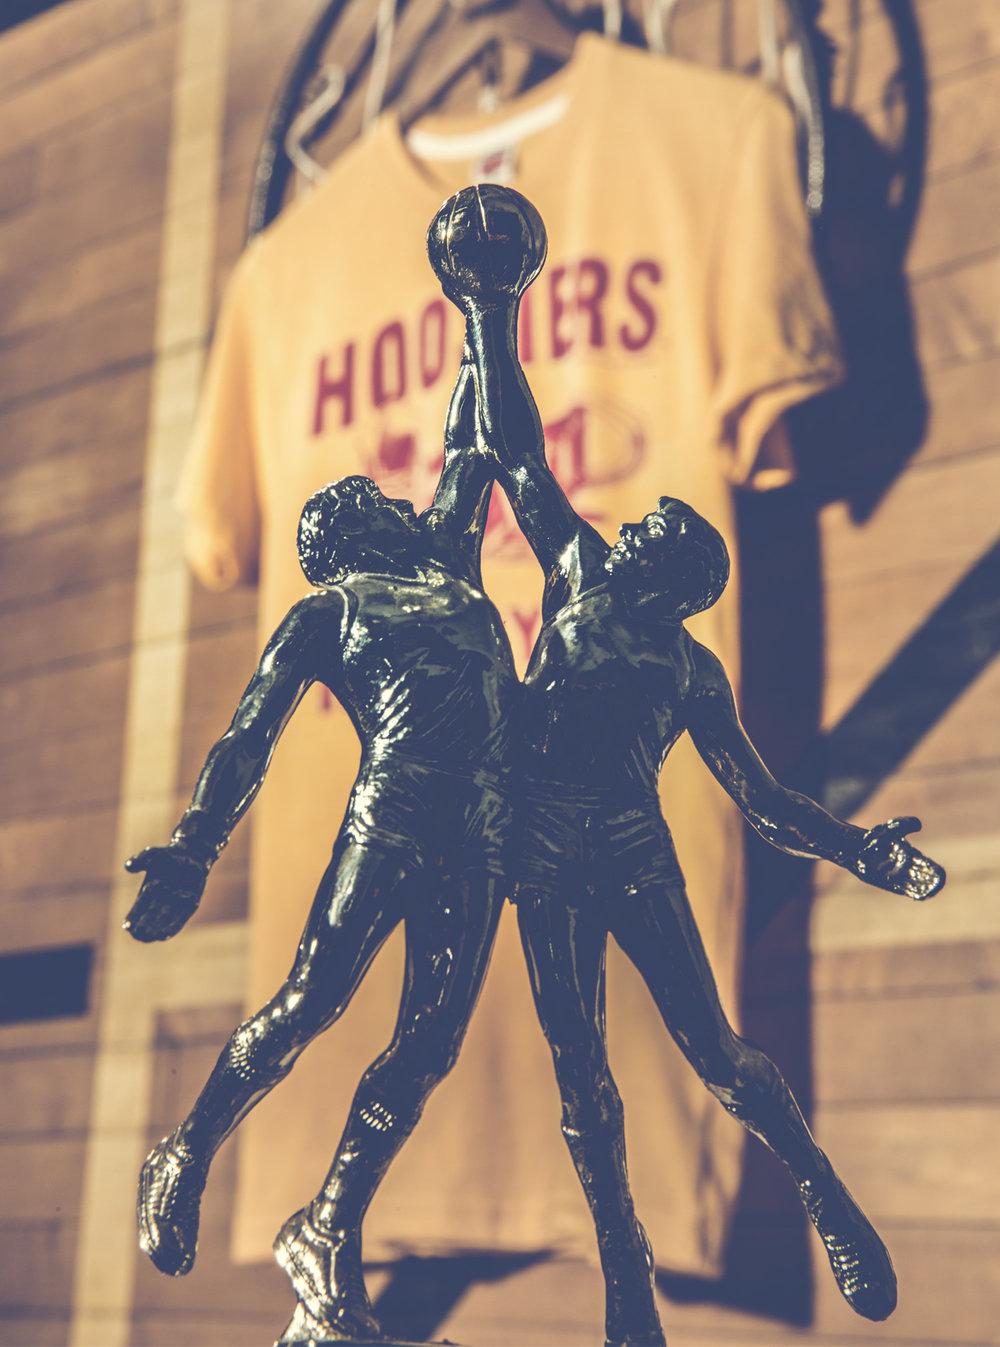 homage-basketball-hoosiers.jpg